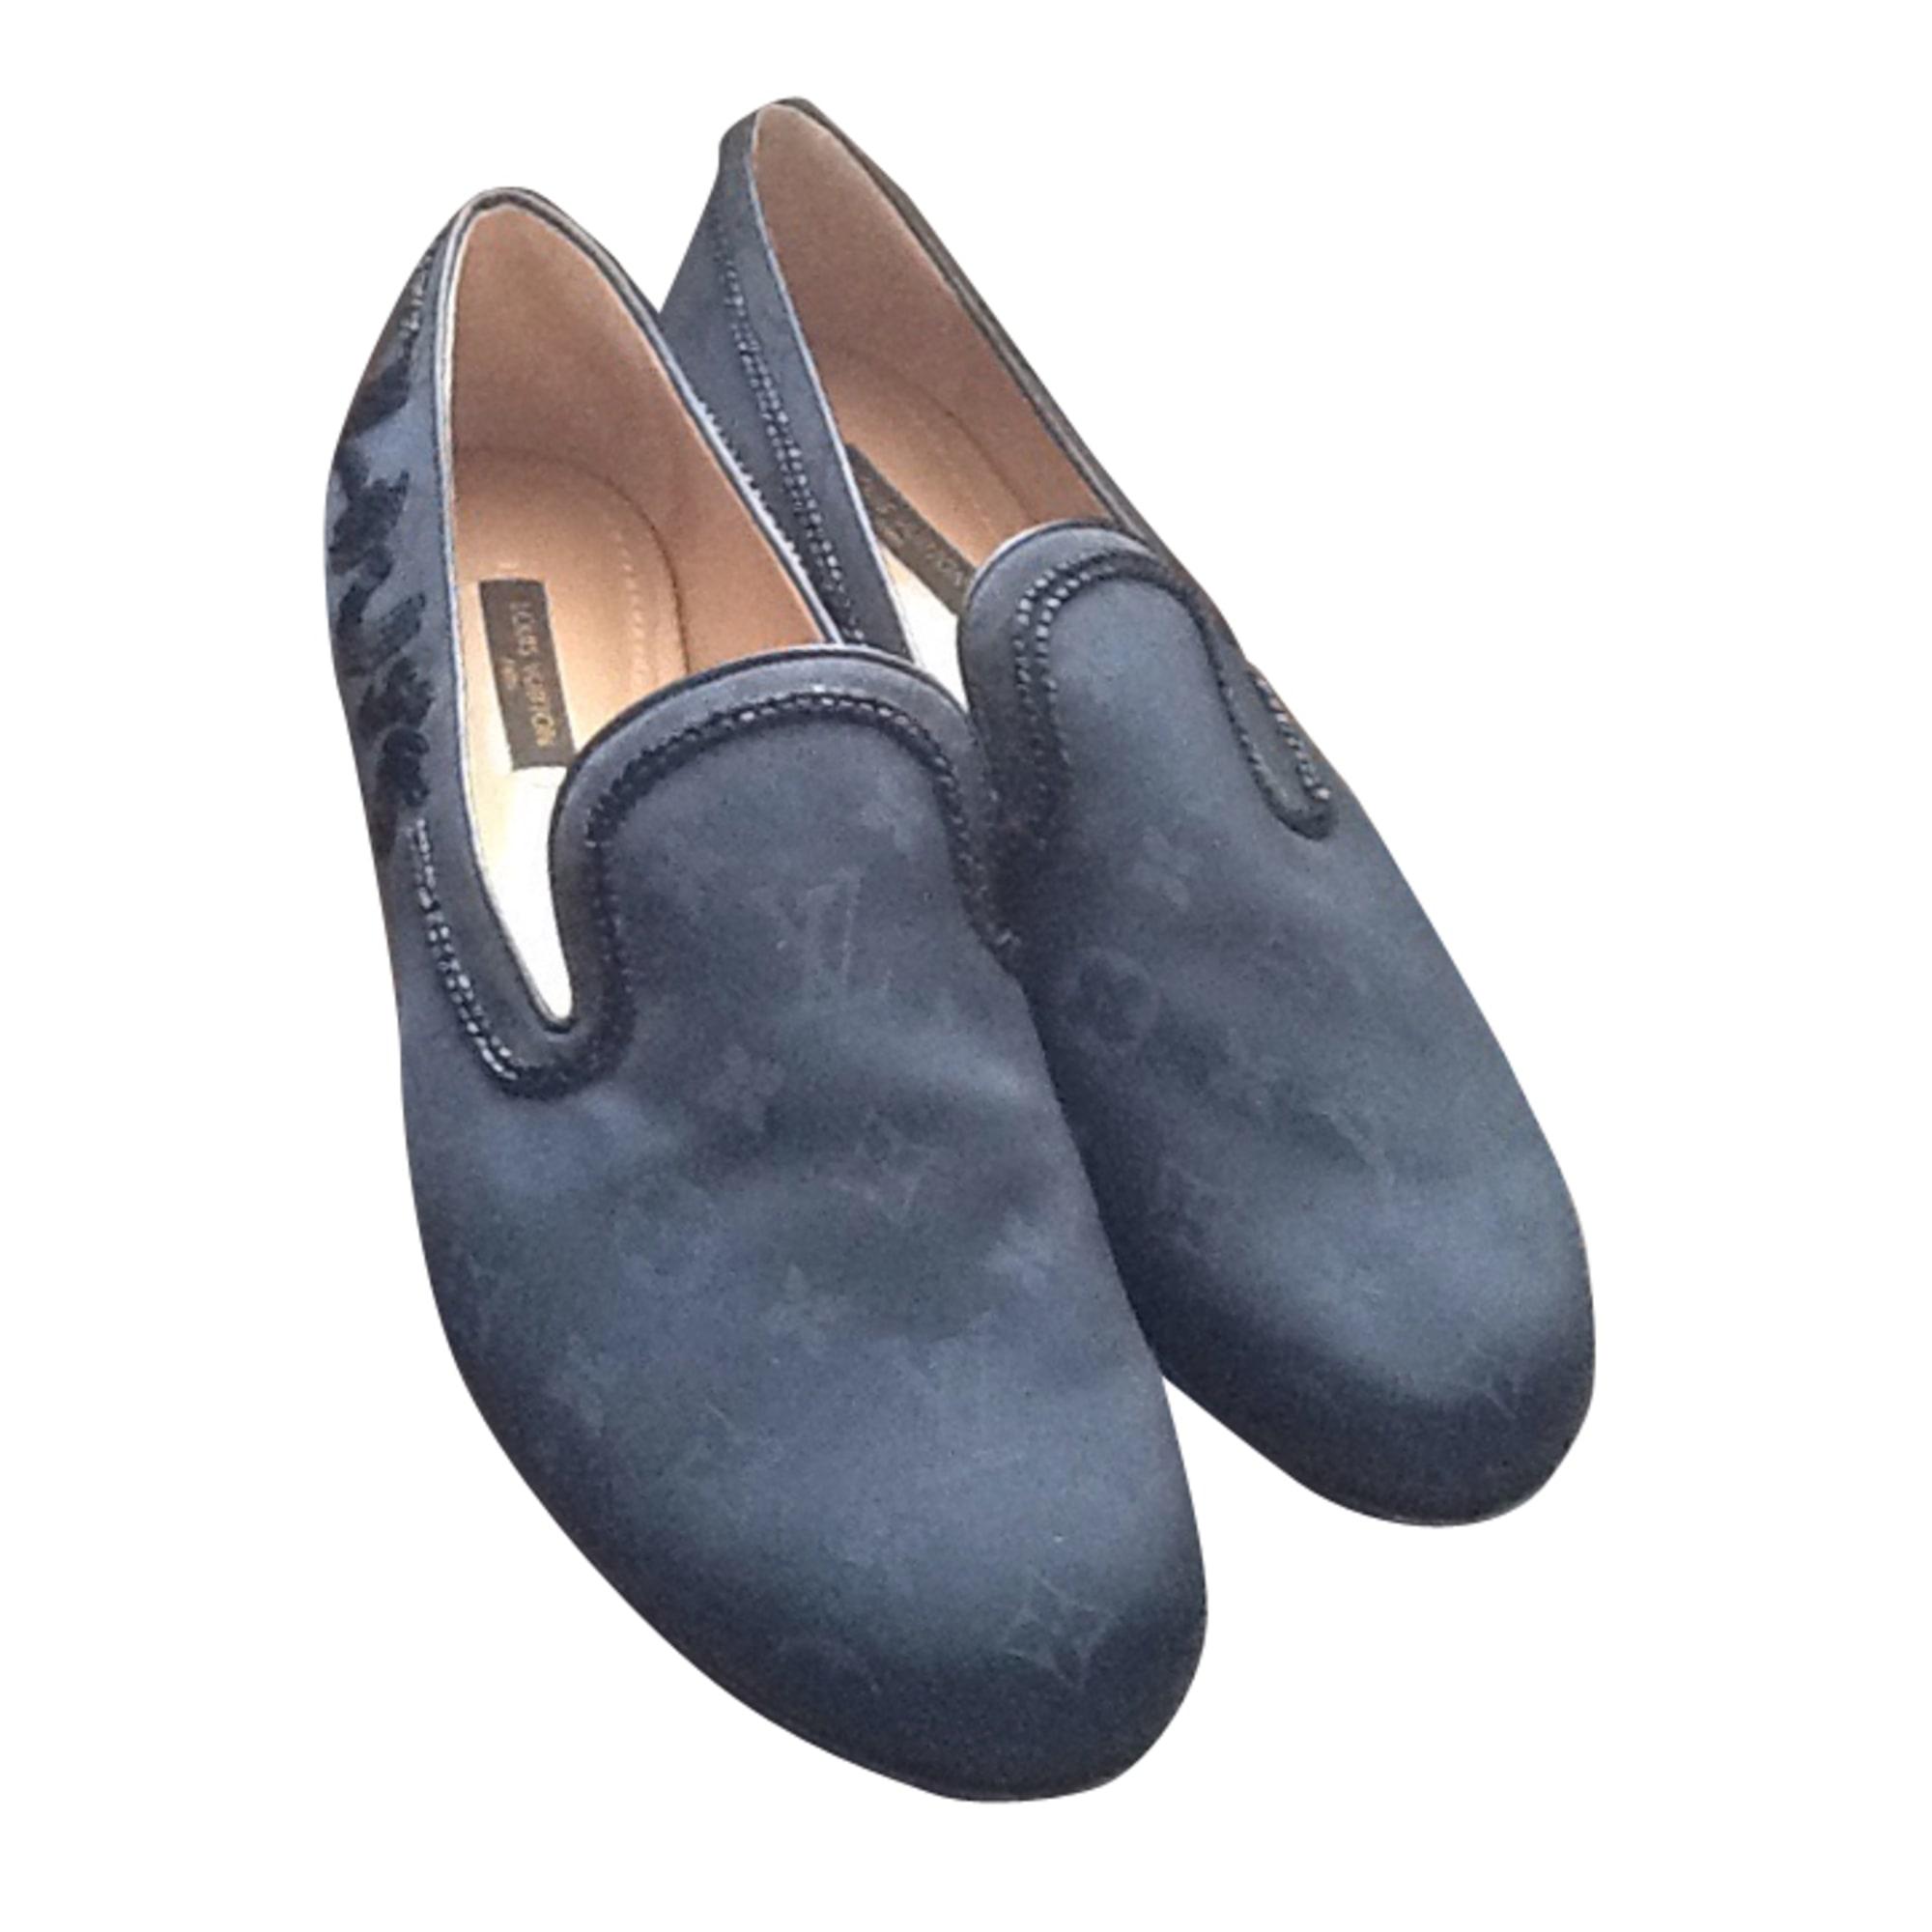 de0f82f83b7e Mocassins LOUIS VUITTON Bleu, bleu marine, bleu turquoise